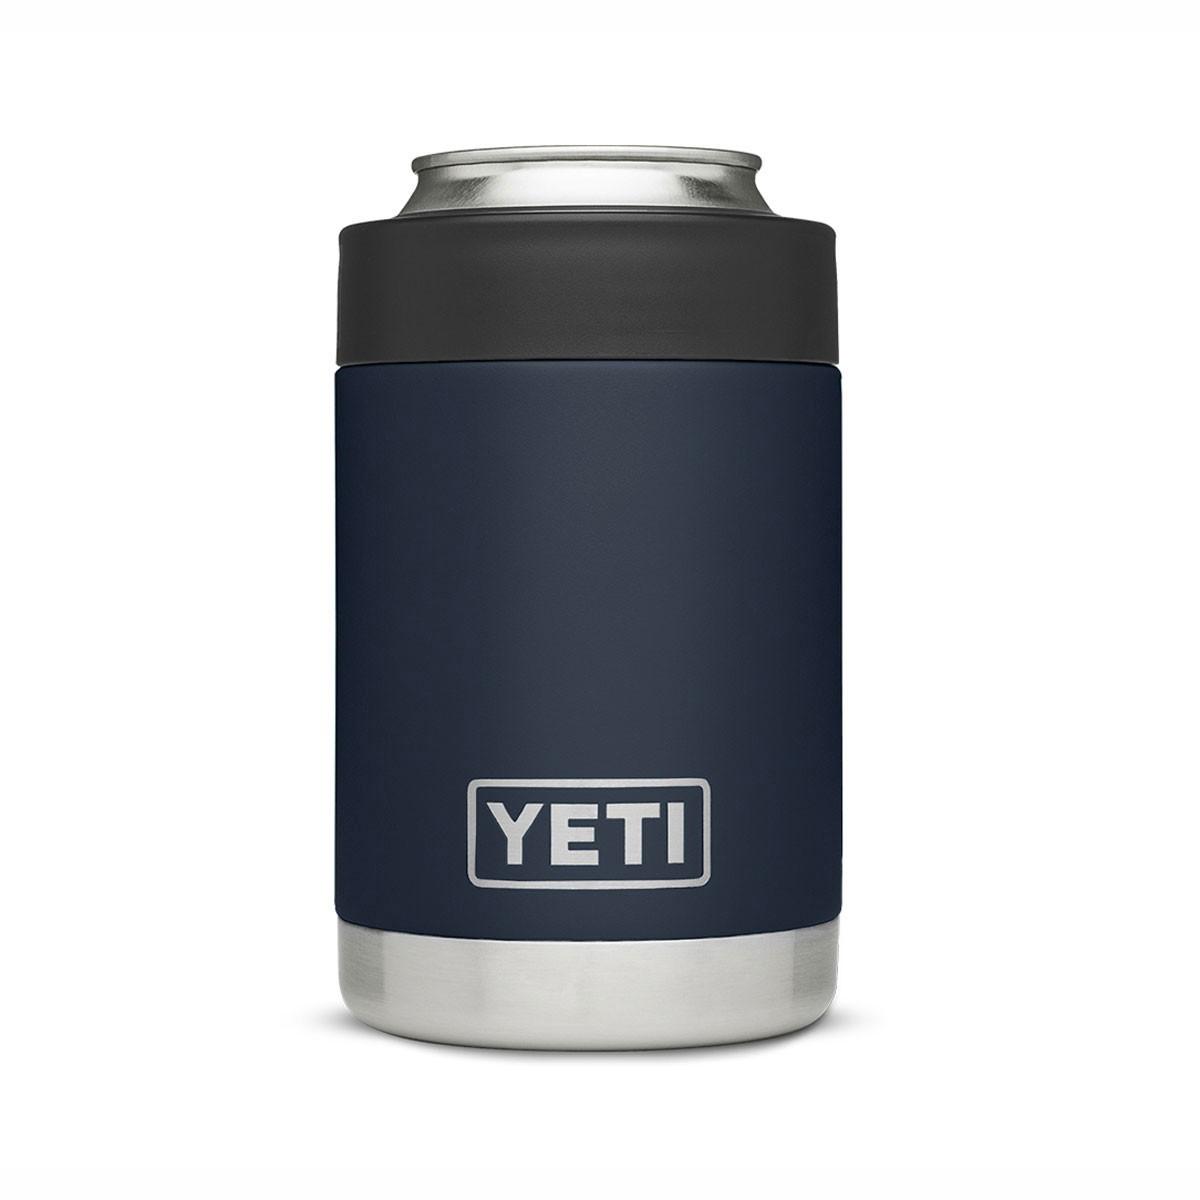 イエティ YETI 正規品 ドリンクホルダー ランブラー YETI RAMBLER COLSTER DRINK HOLDER 12 oz NAVY